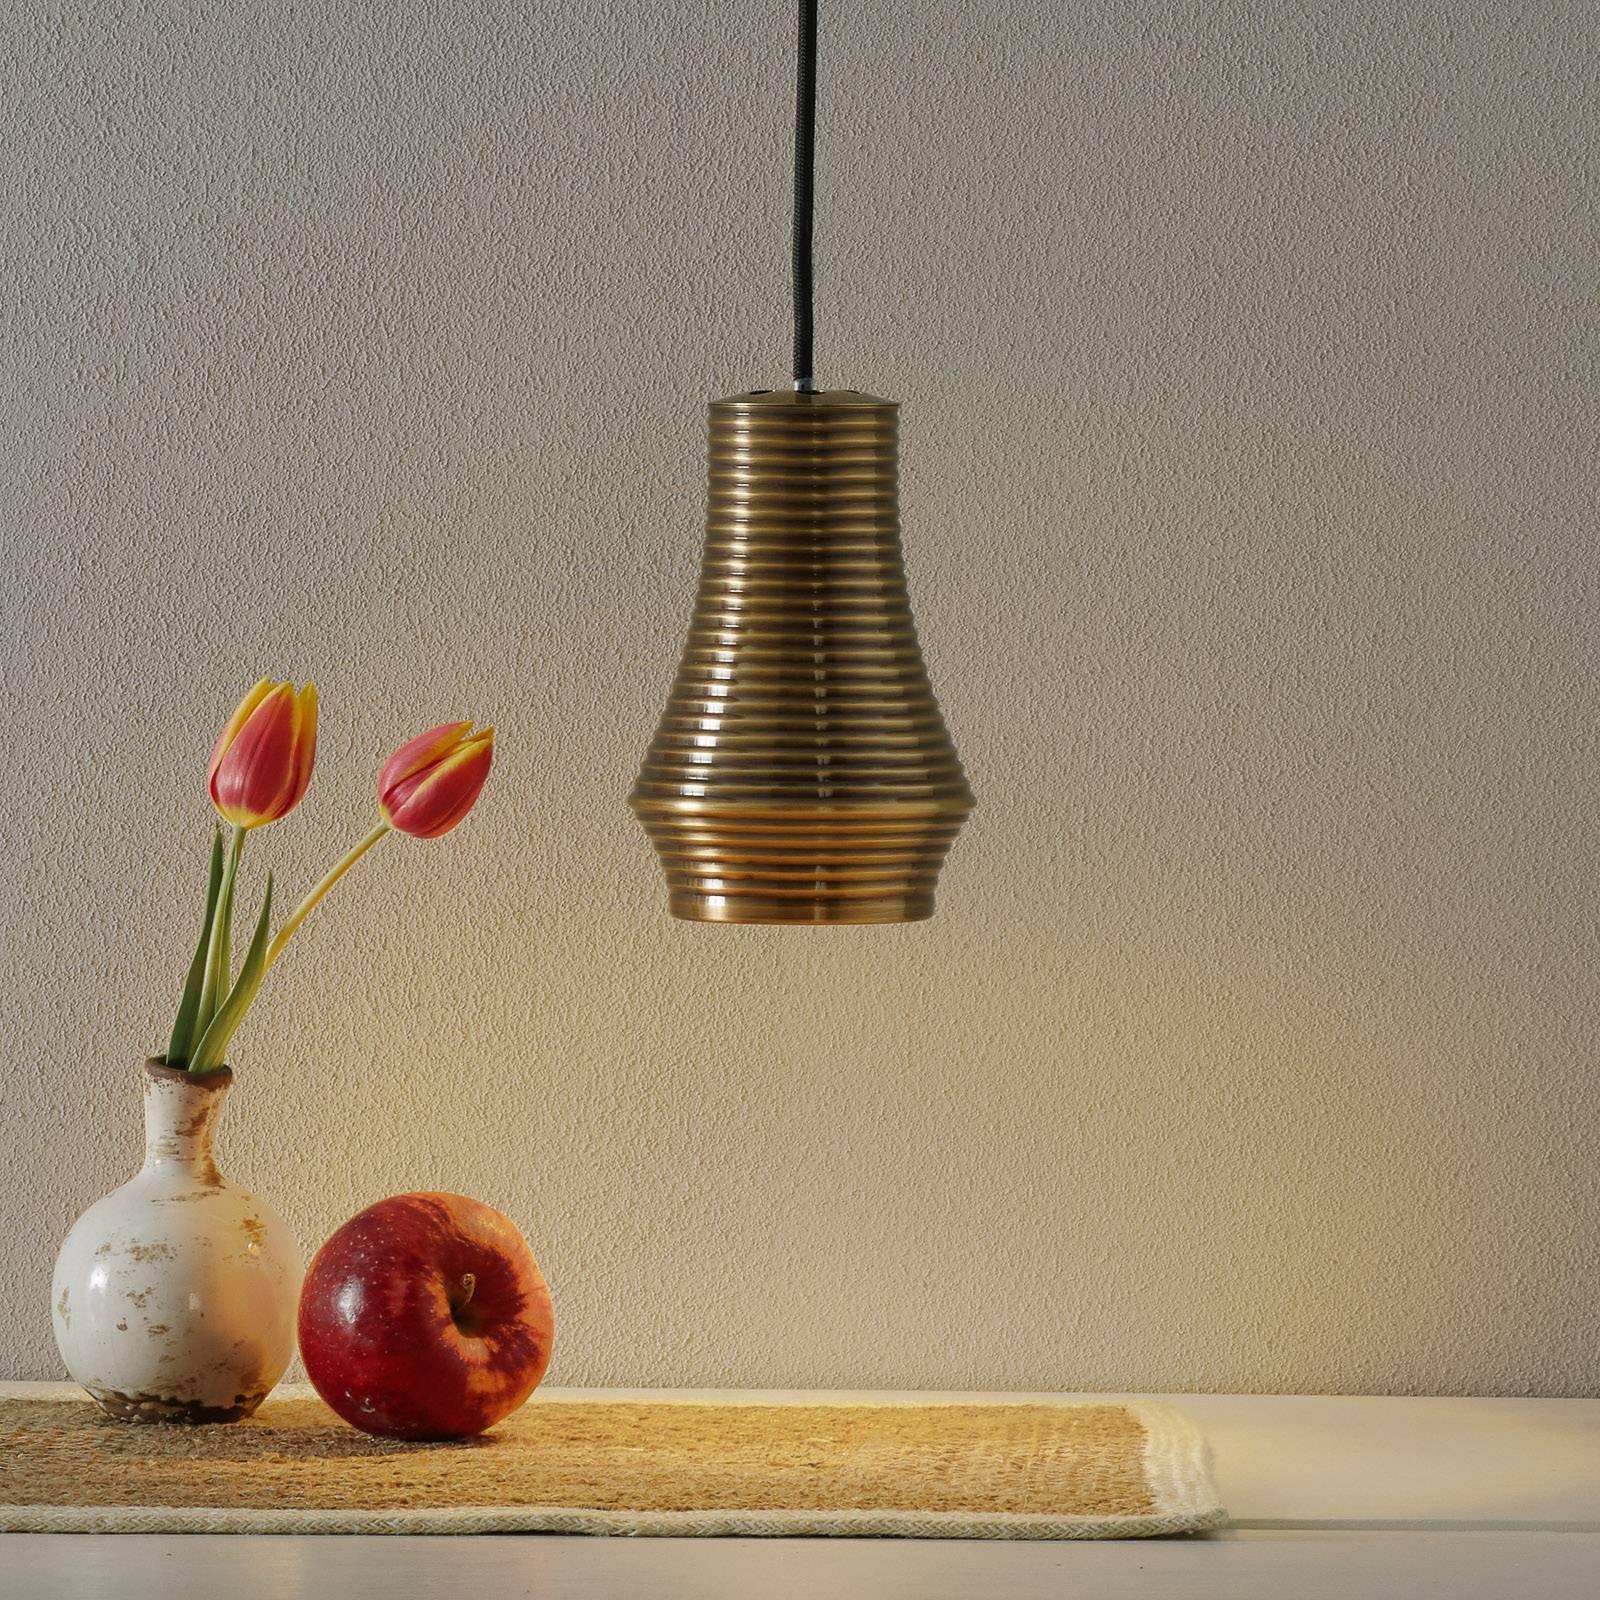 Bover Tibeta 01 - LED-hengelampe, antikkmessing